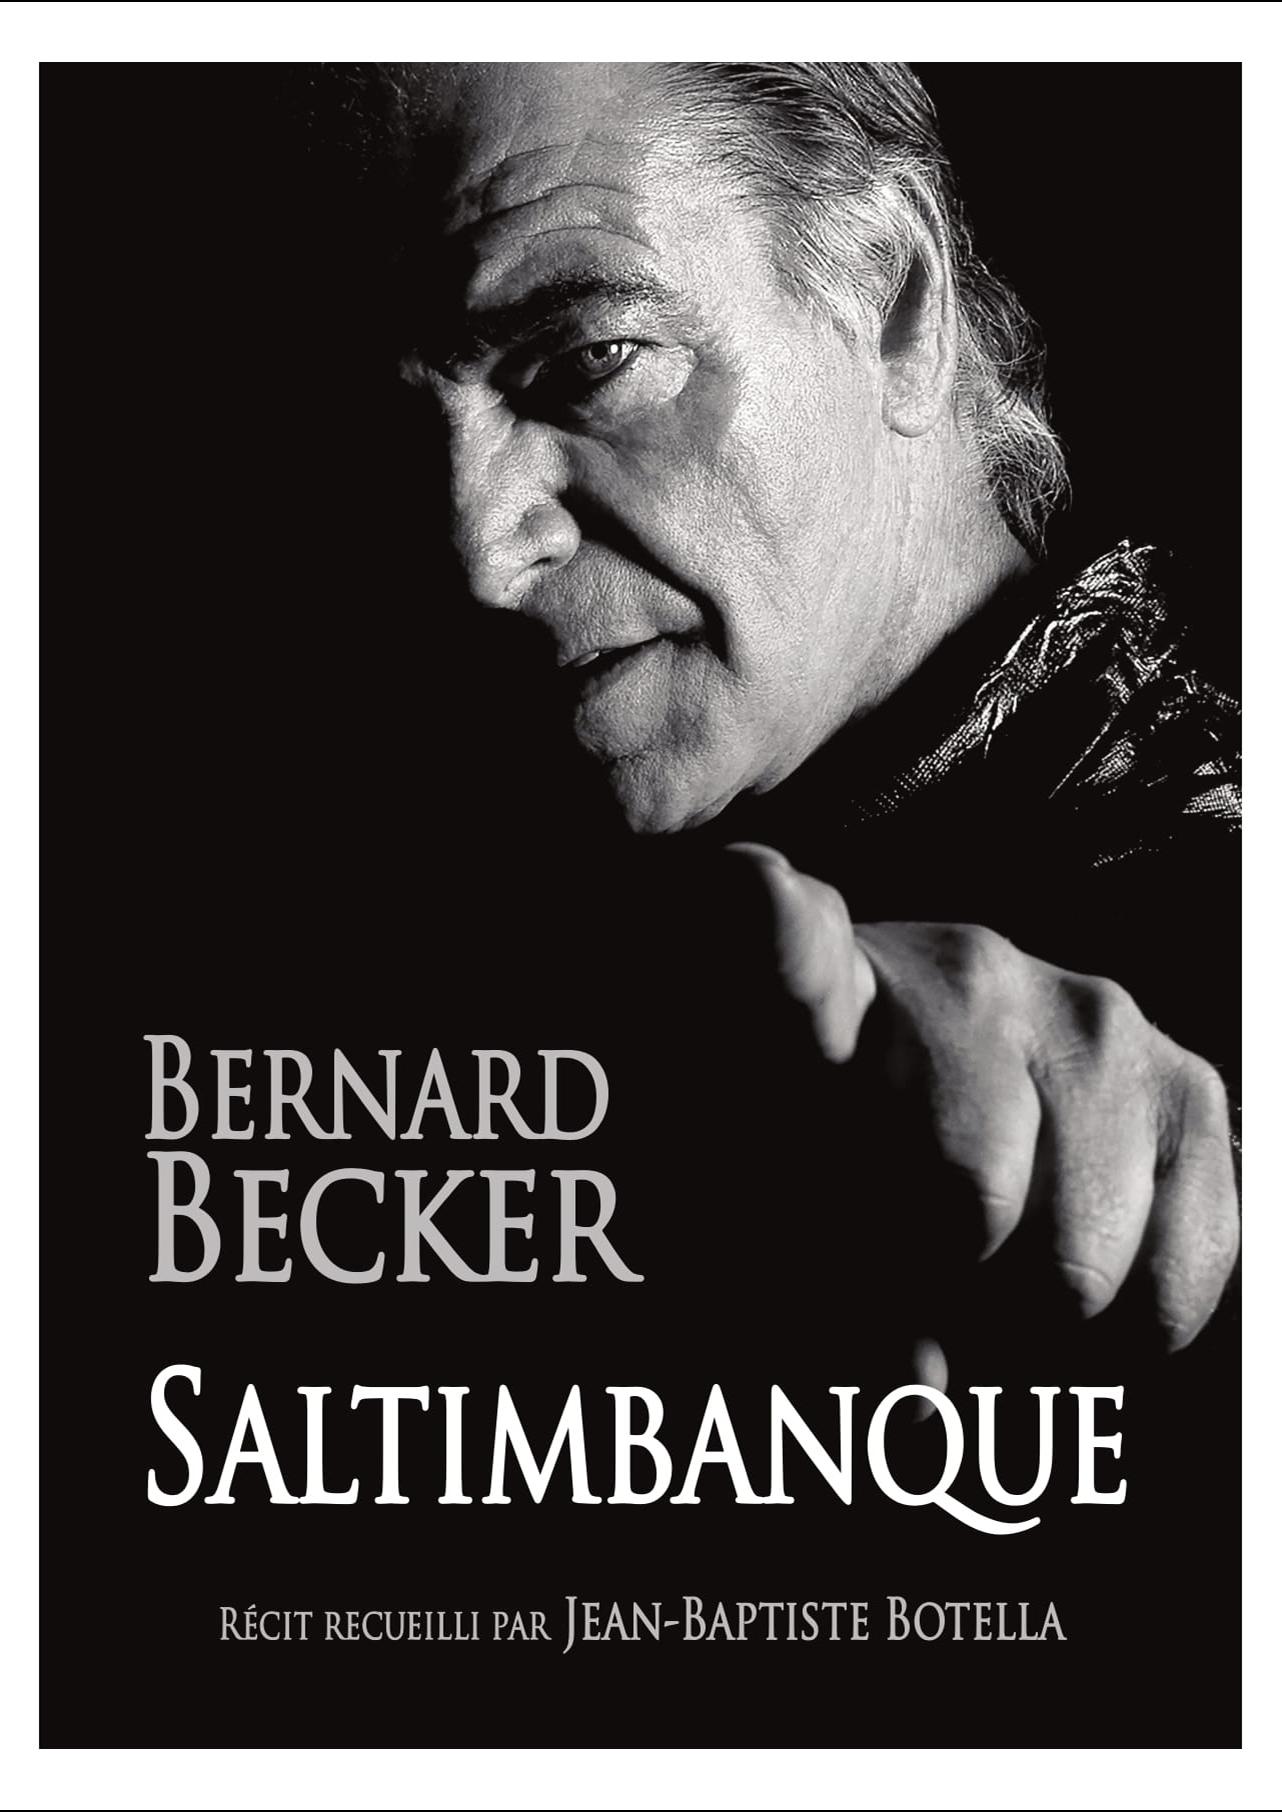 Bernard Becker saltimbanque